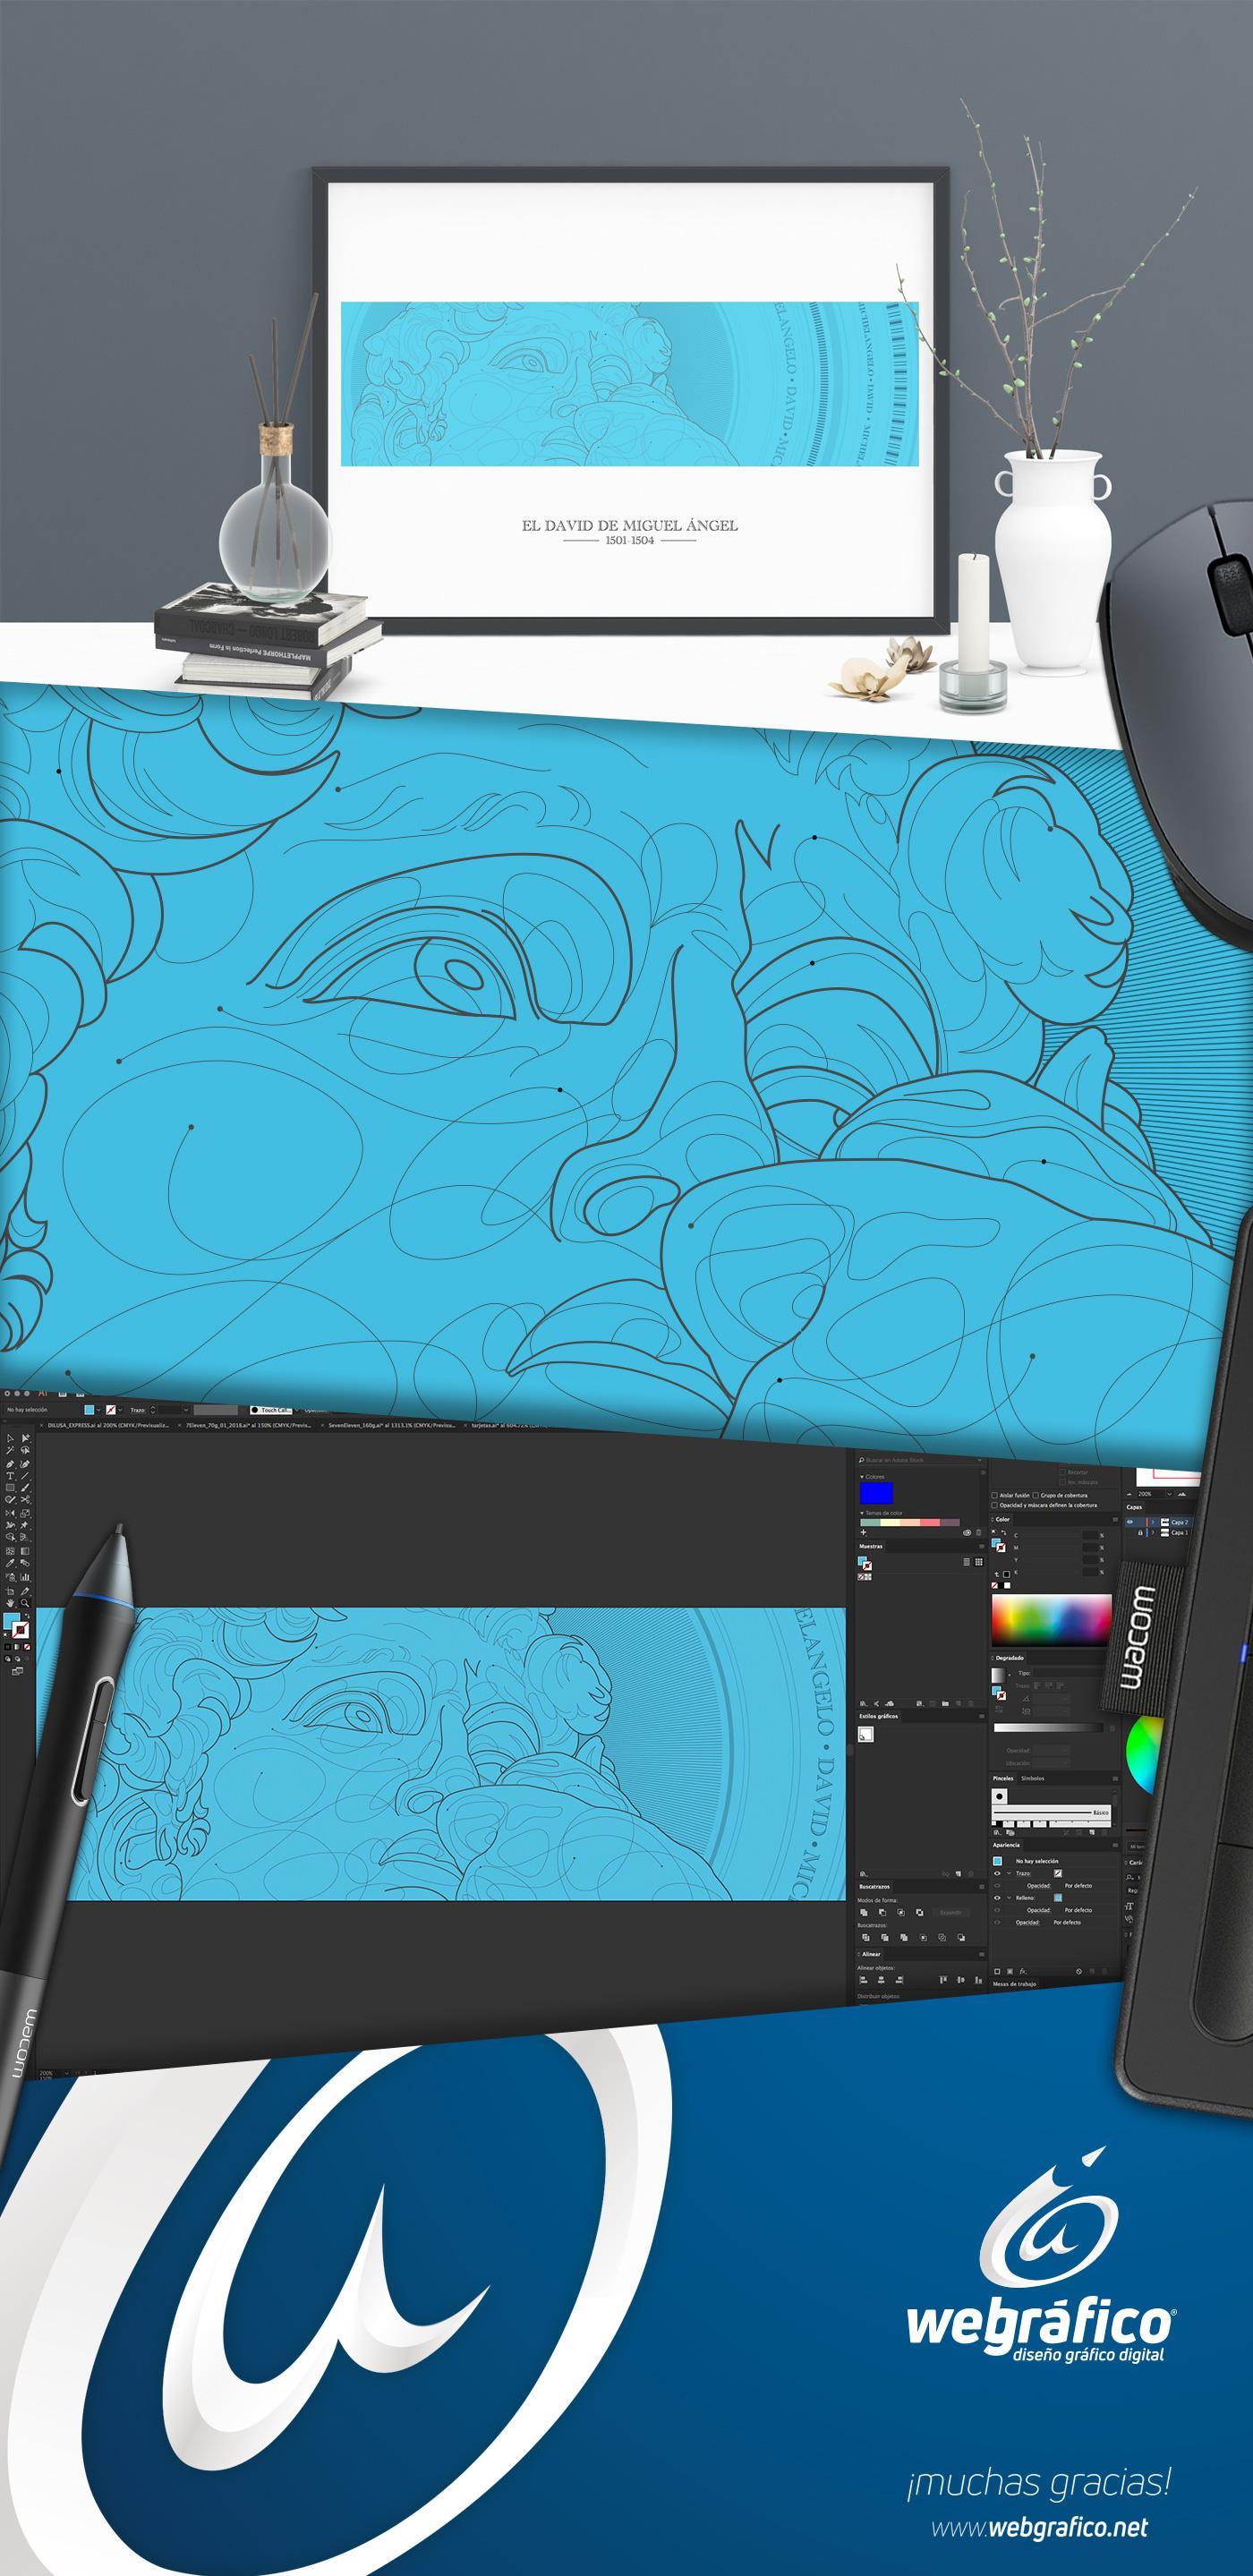 miguel colunga webgrafico aguascalientes mexico david Michelangelo ilustracion vector